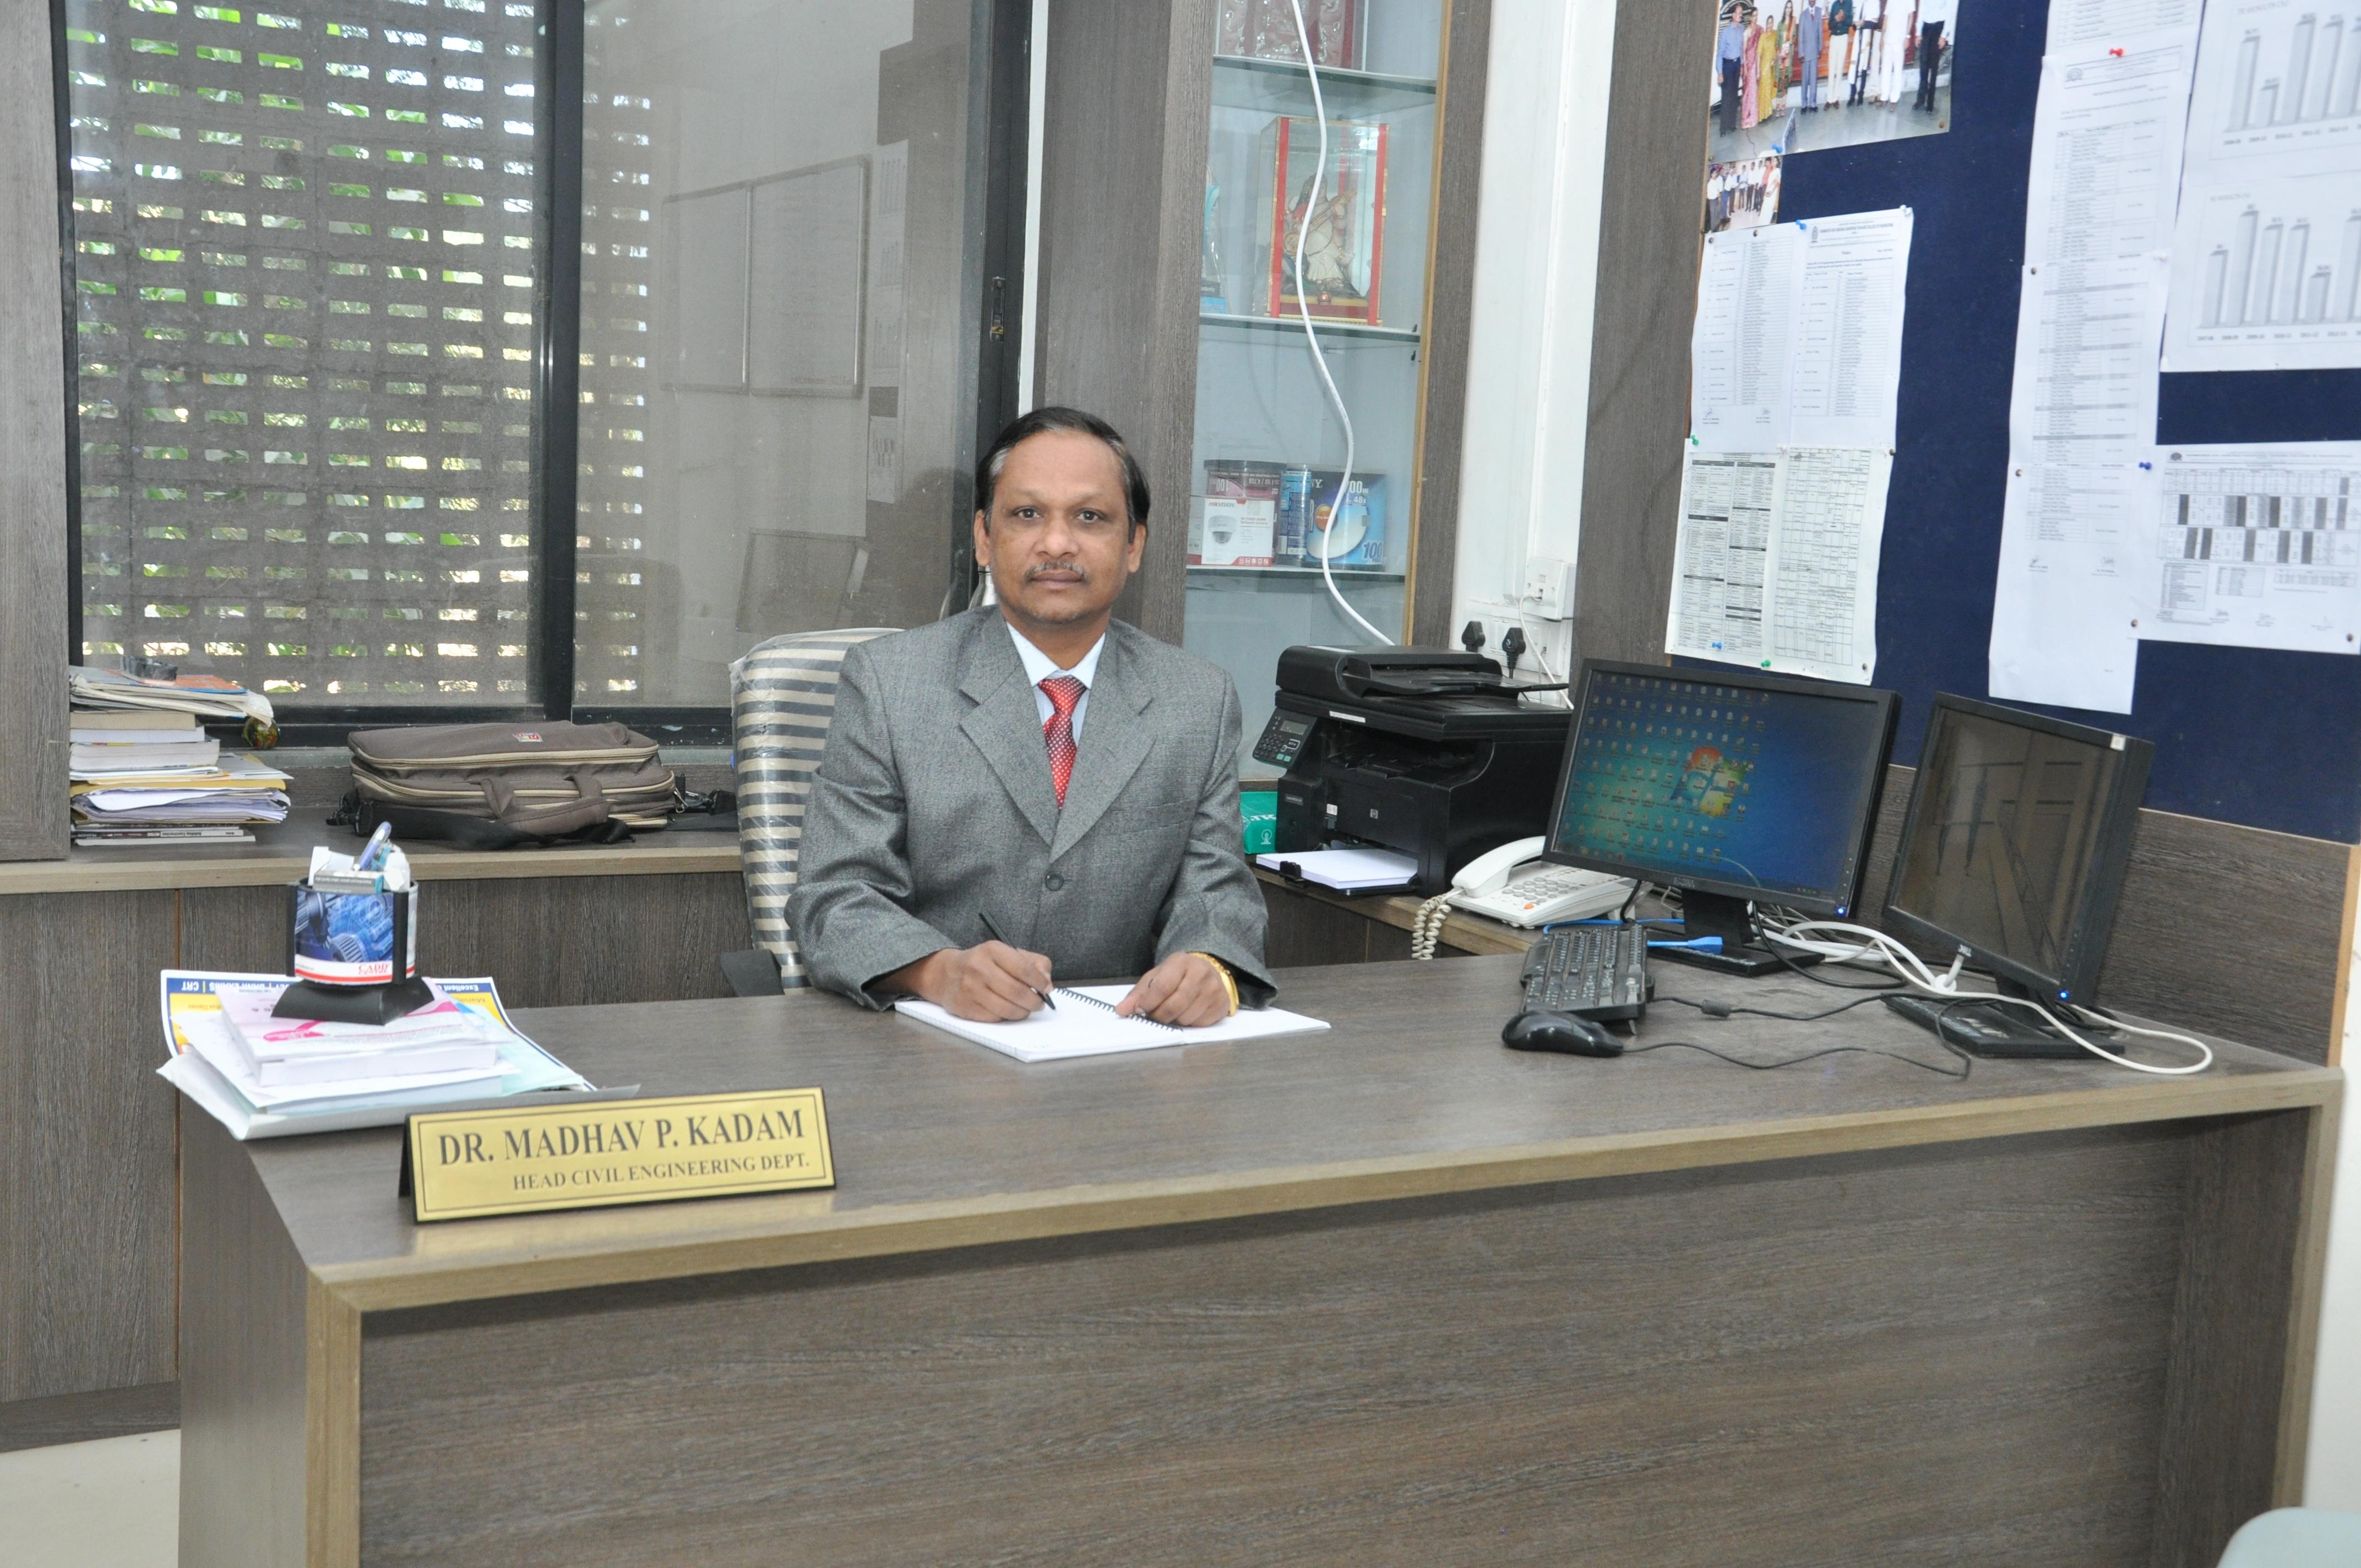 hods-desk